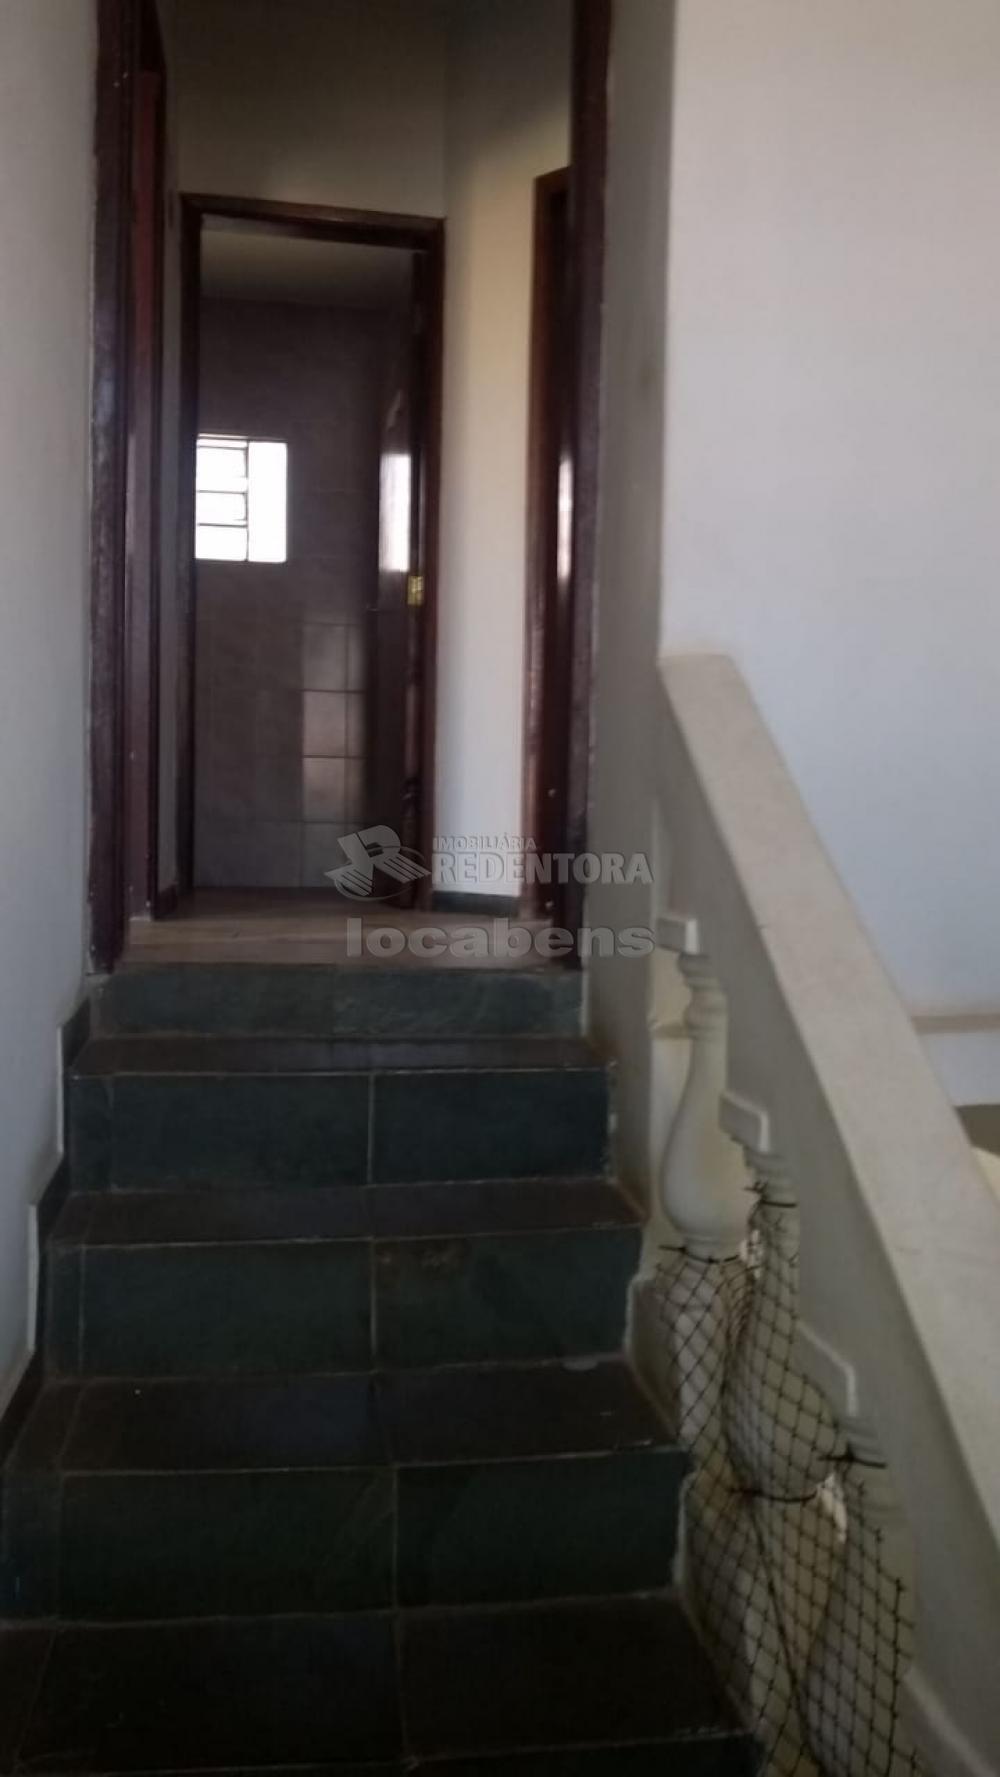 Alugar Comercial / Casa Comercial em São José do Rio Preto R$ 1.300,00 - Foto 12